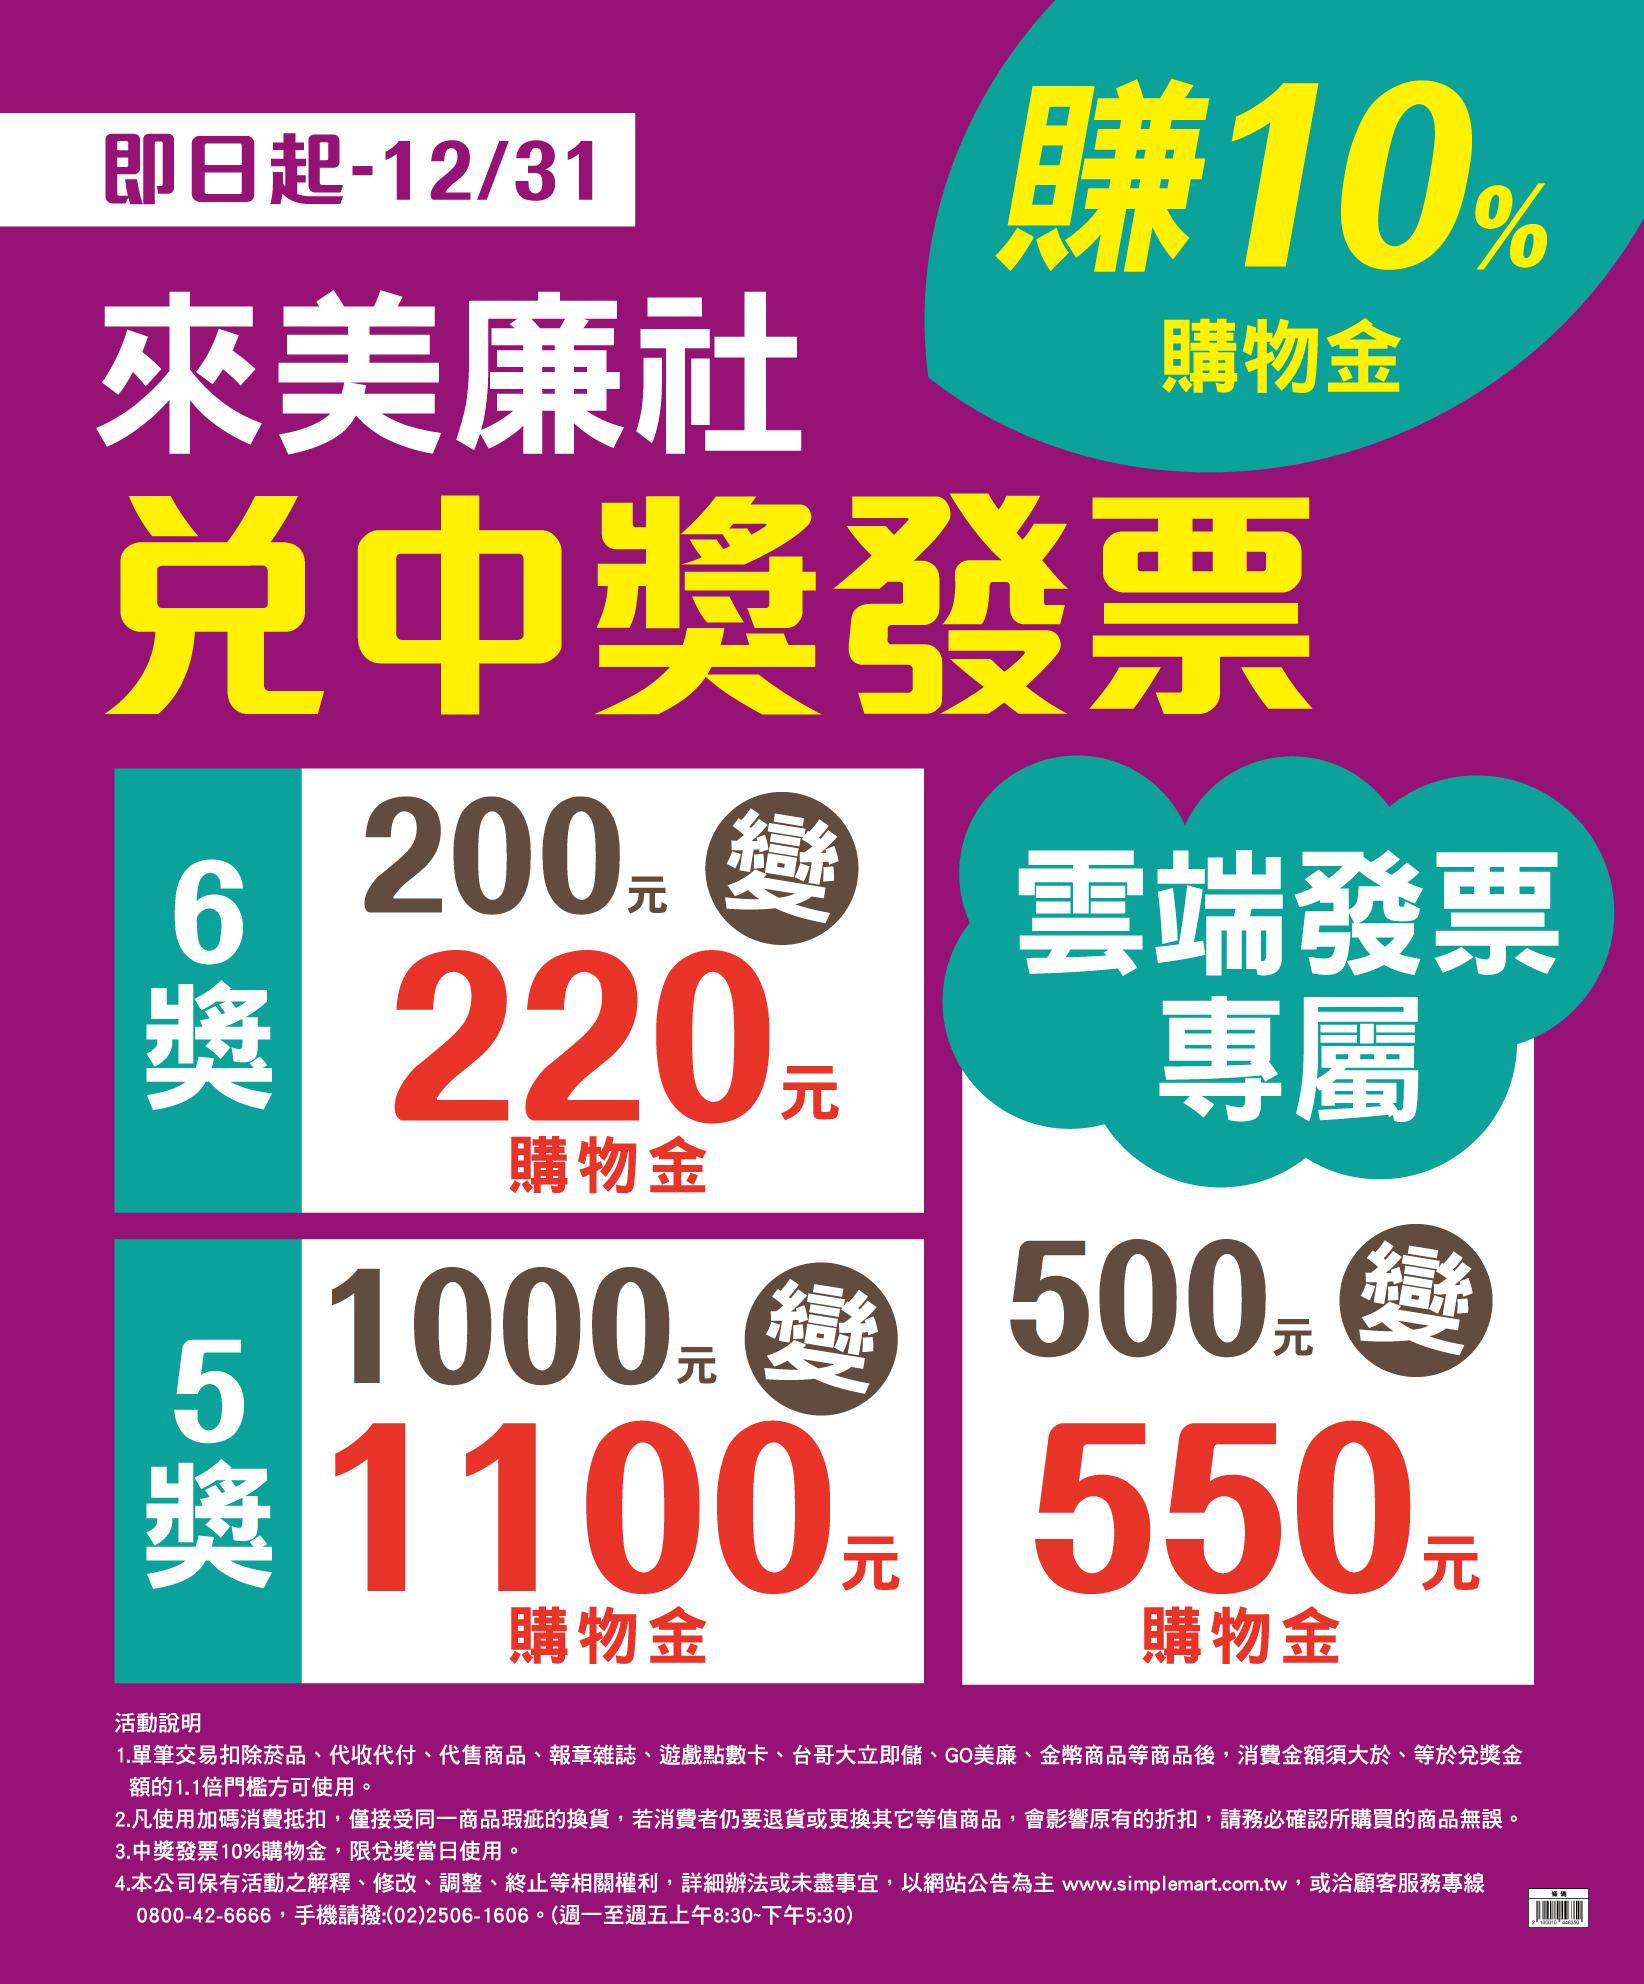 【統一發票】7-11/全聯/美廉社發票獎金最高10%加碼! @ 符碼記憶